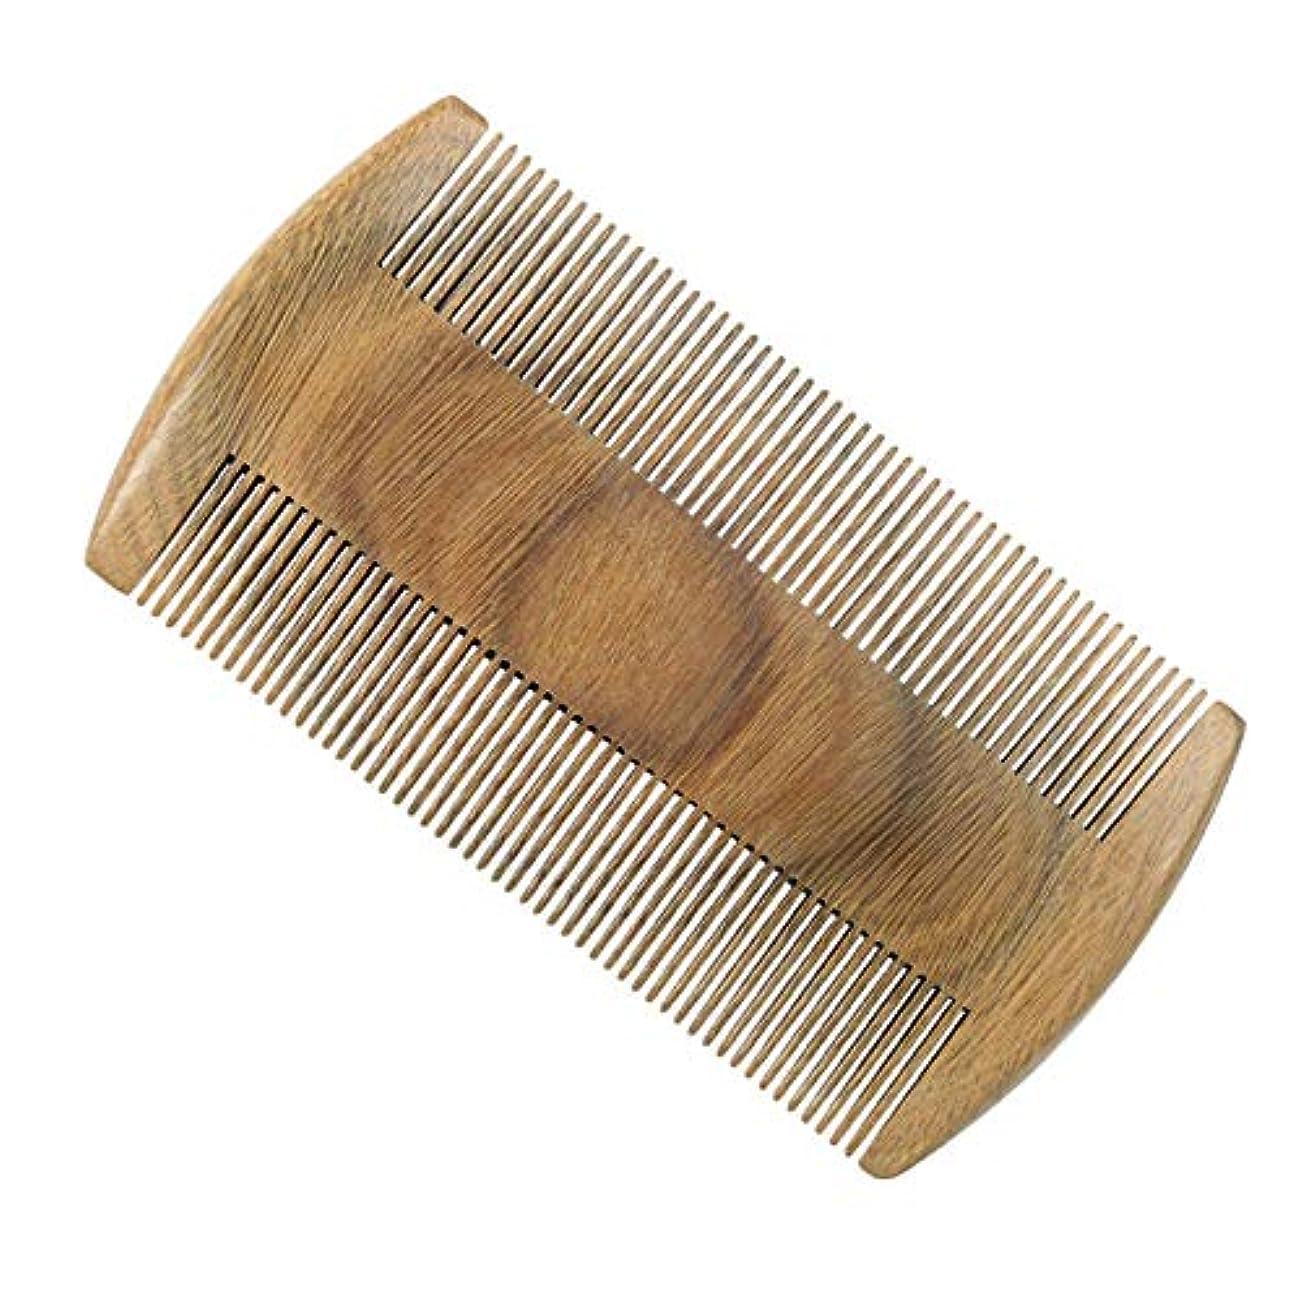 把握ベンチ人工ALIVEON 高級木製櫛 ヘアブラシ つげ櫛 頭皮マッサージ 天然緑檀 ヘアコーム 静電気防止 男女兼用